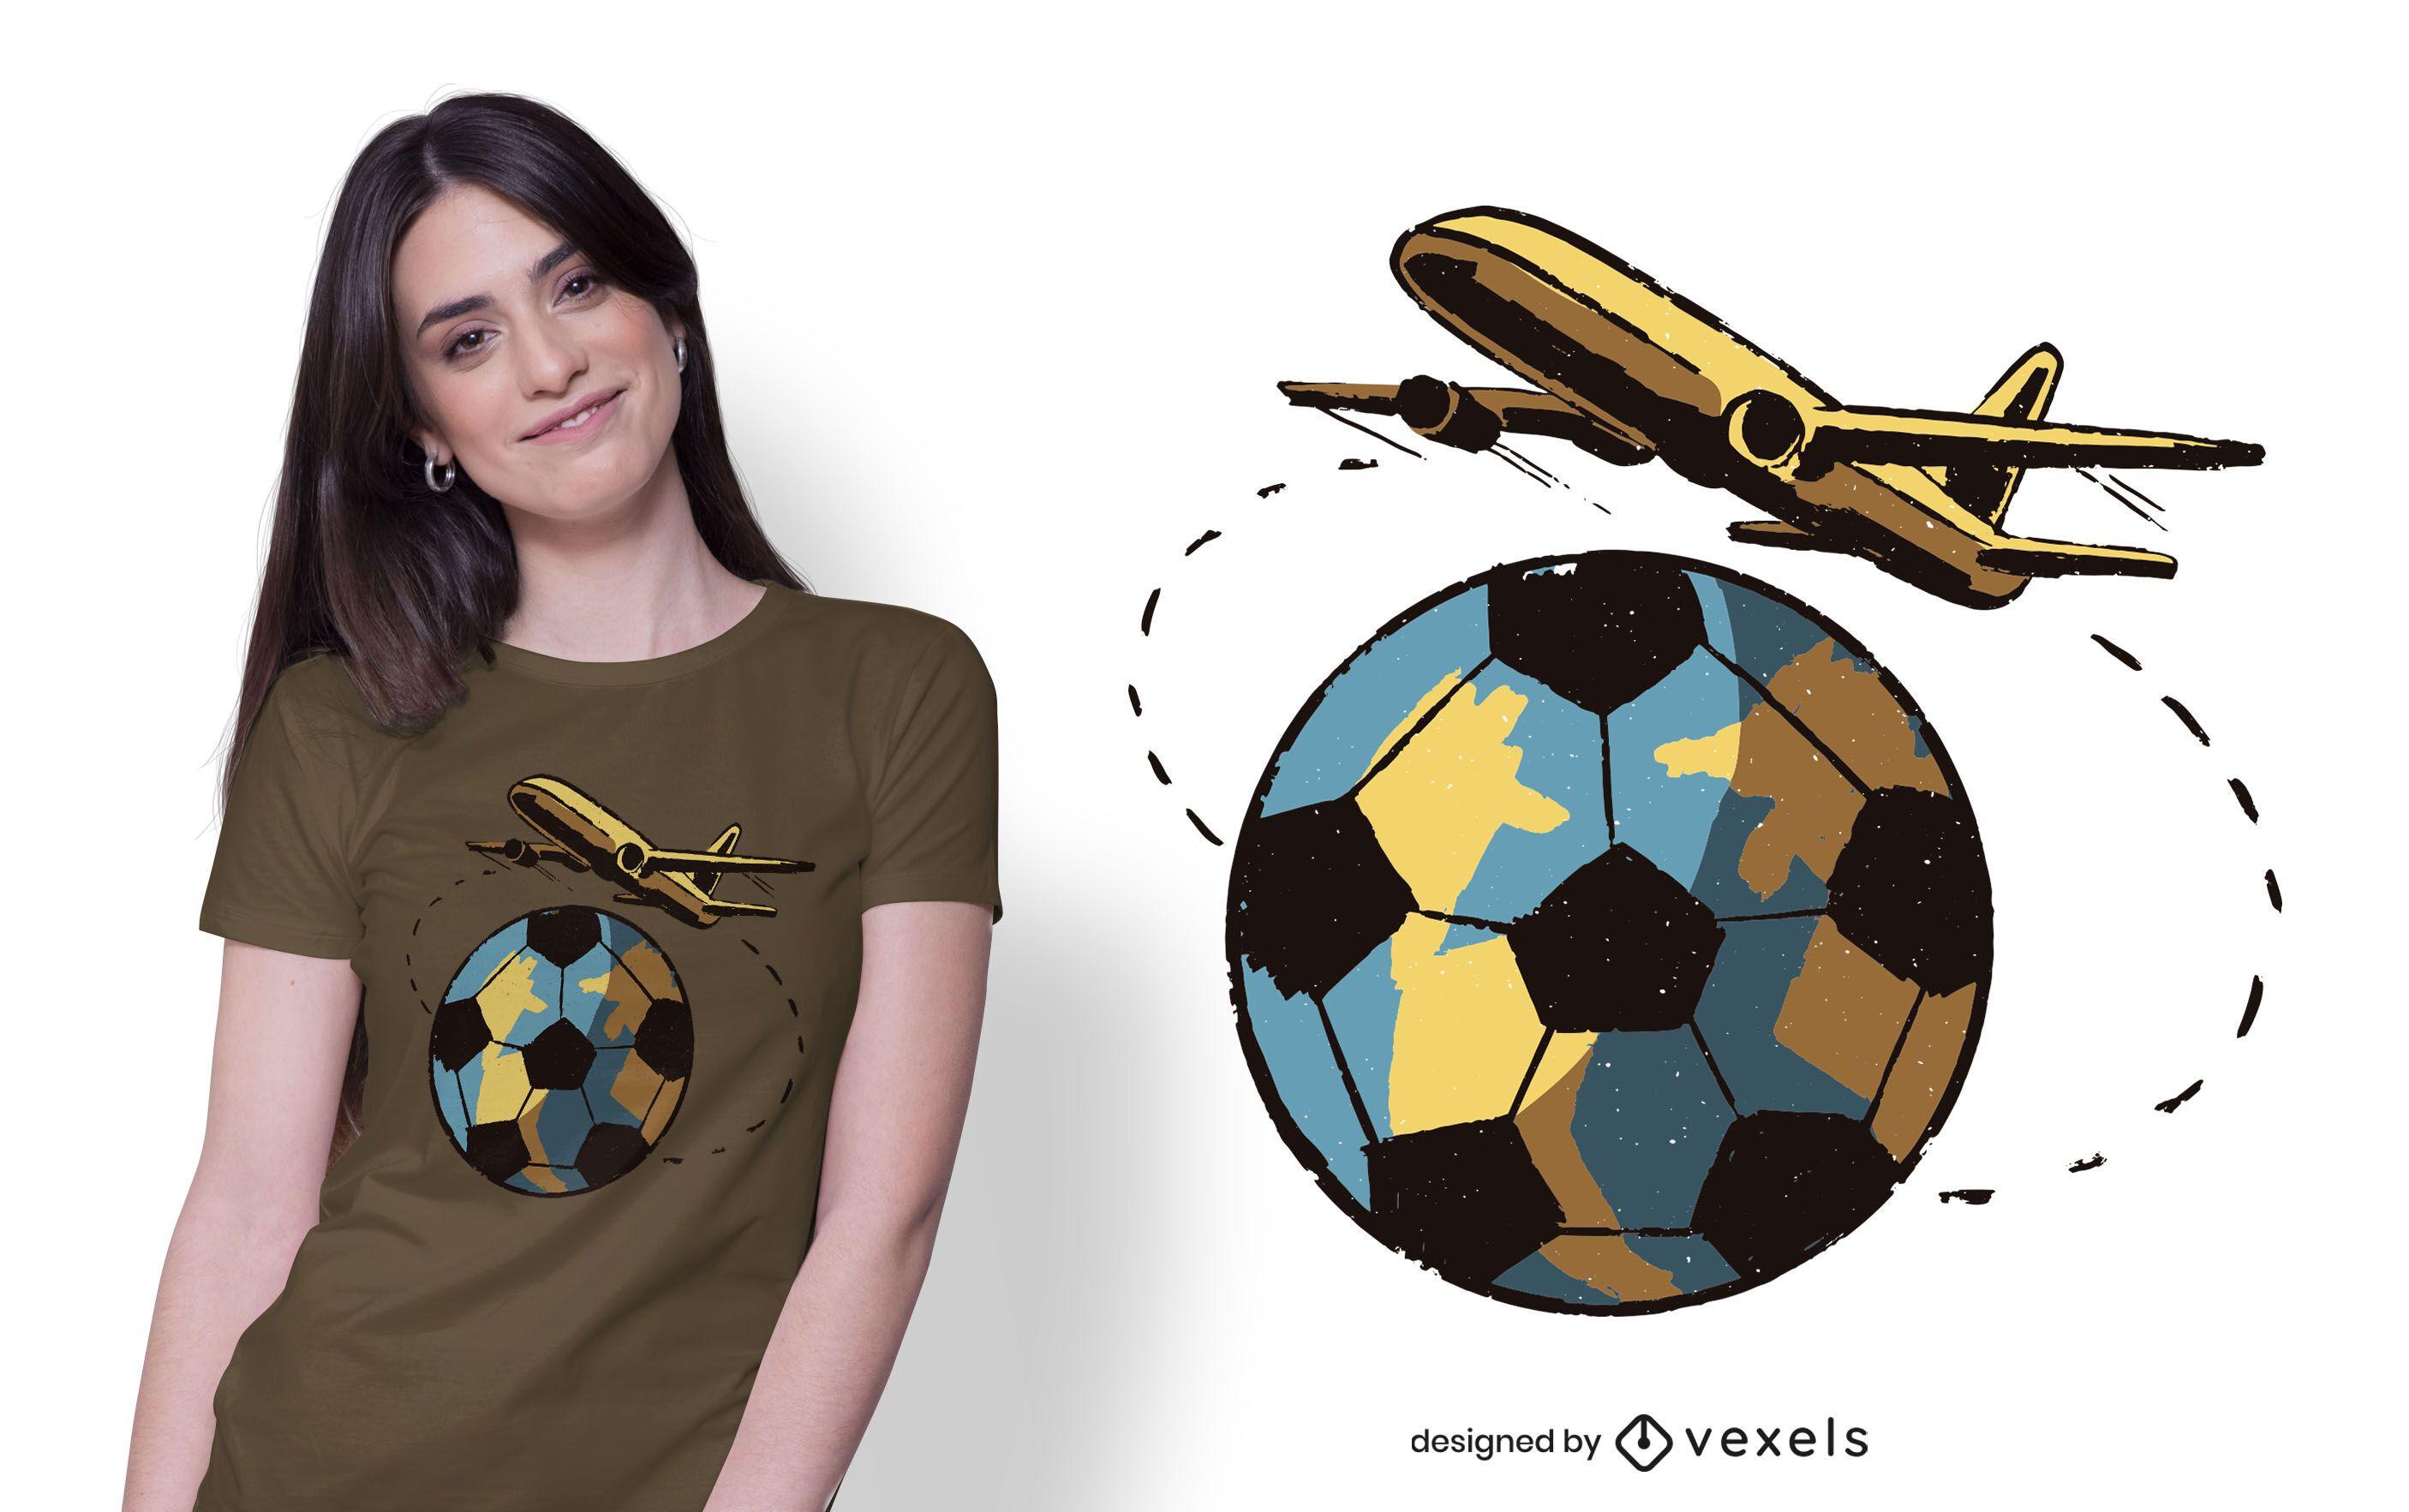 Dise?o de camiseta de f?tbol de viaje